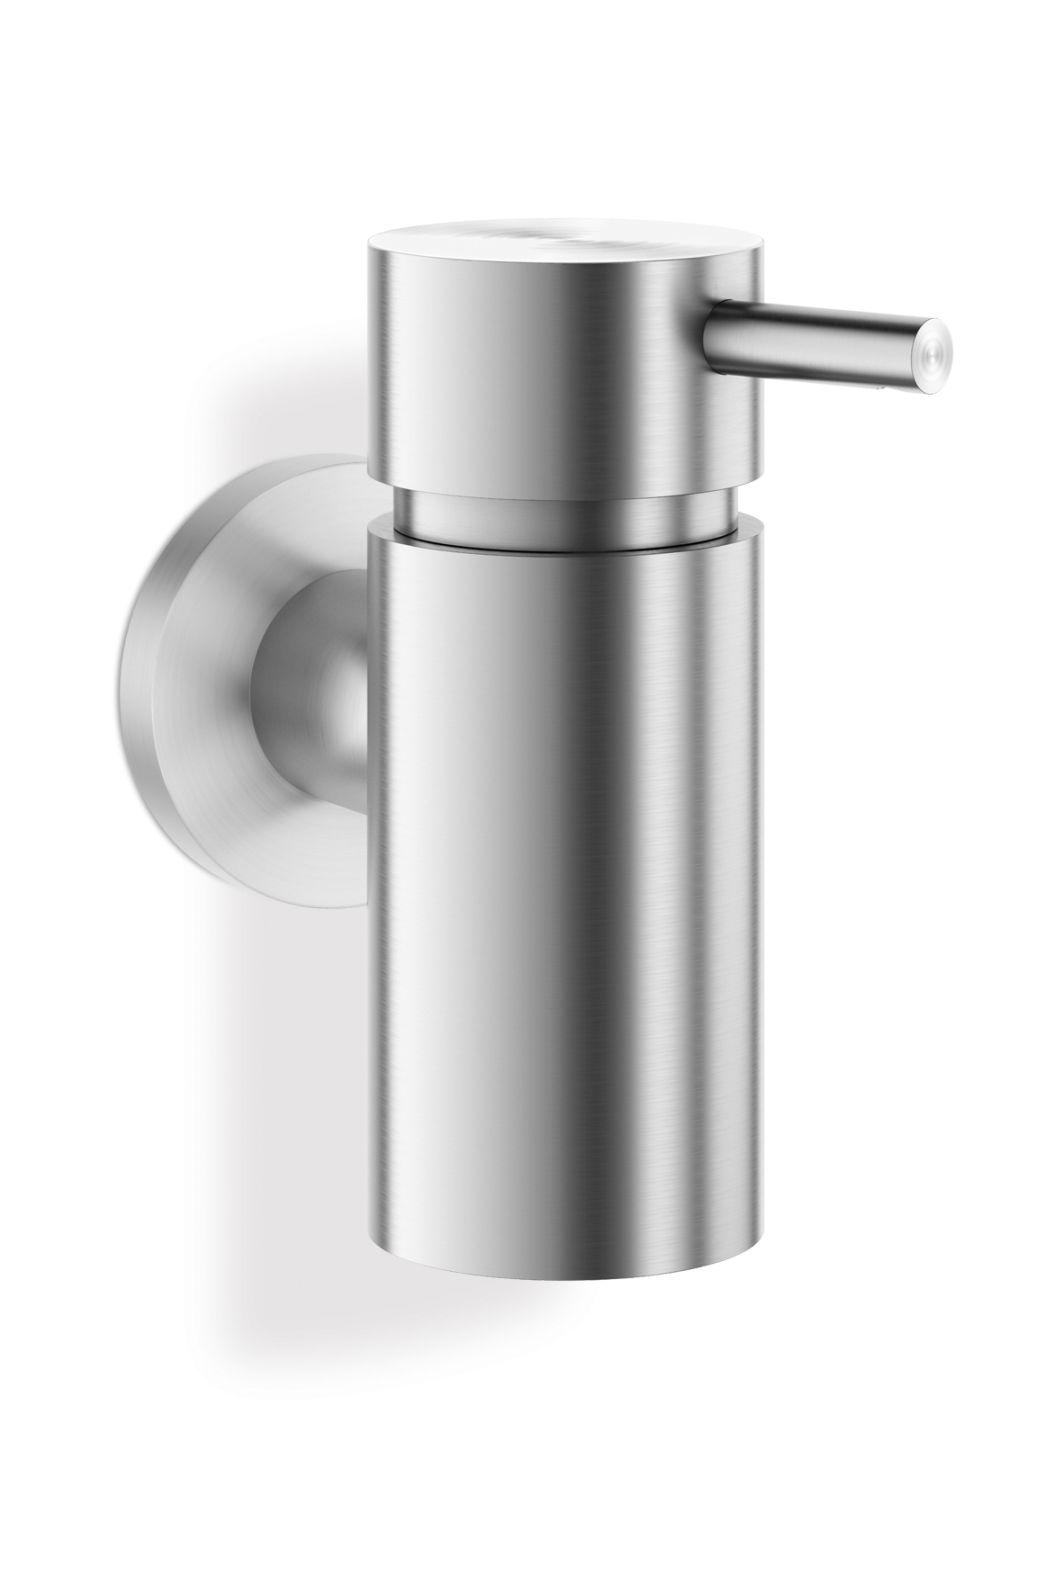 Dávkovač na mýdlo MANOLA 130 ml, nástěnný - ZACK